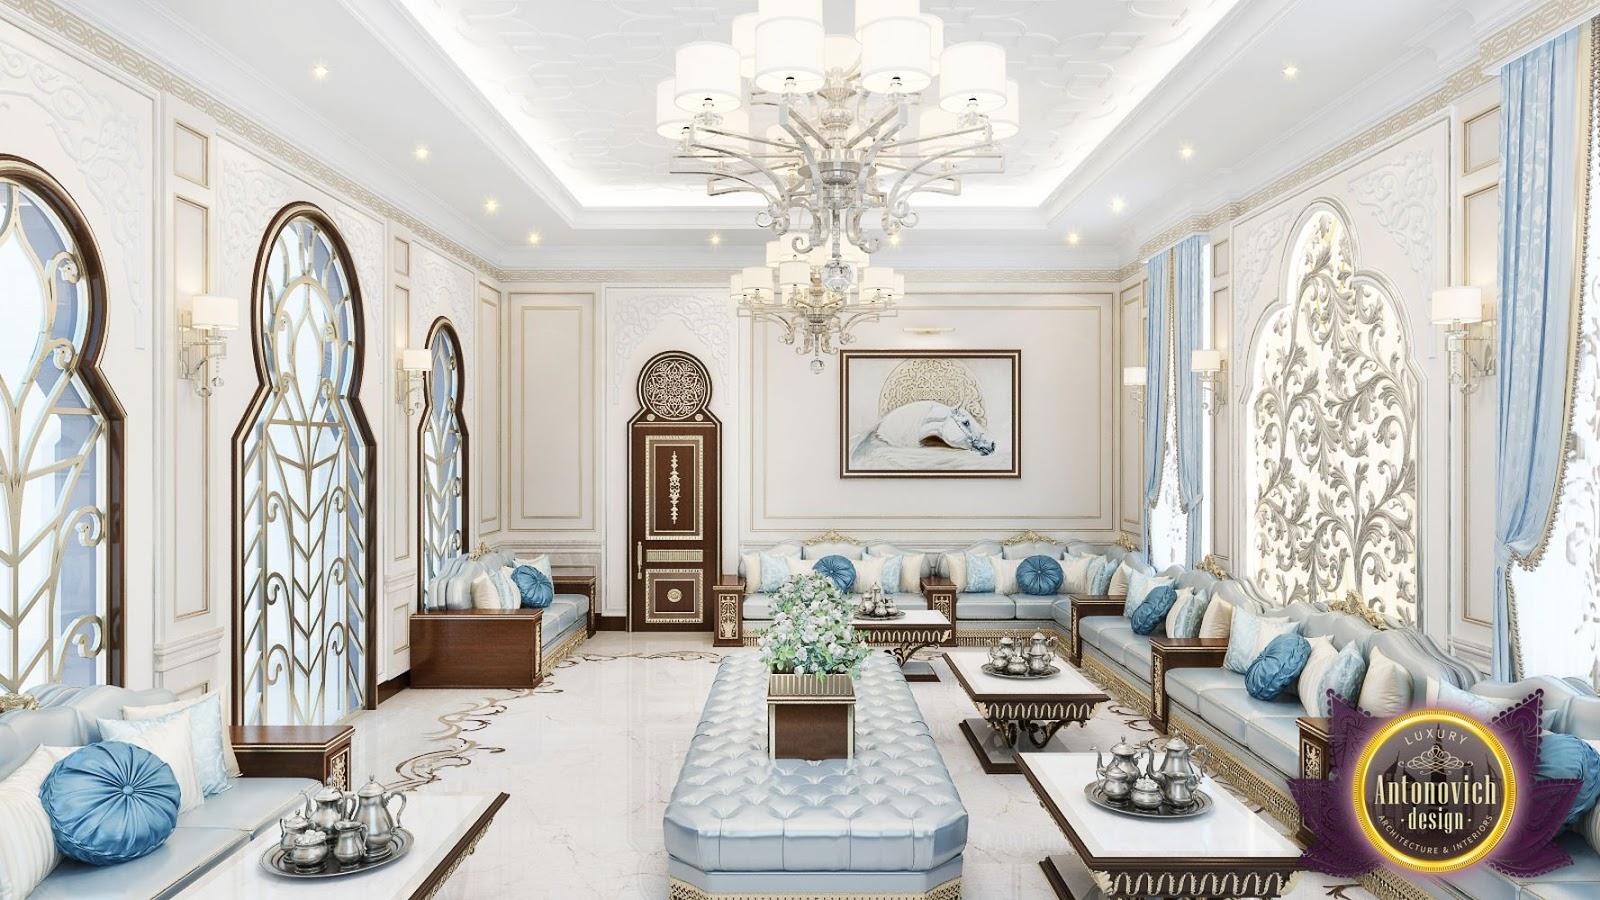 LUXURY ANTONOVICH DESIGN UAE: Living room design ideas in Arabic ...